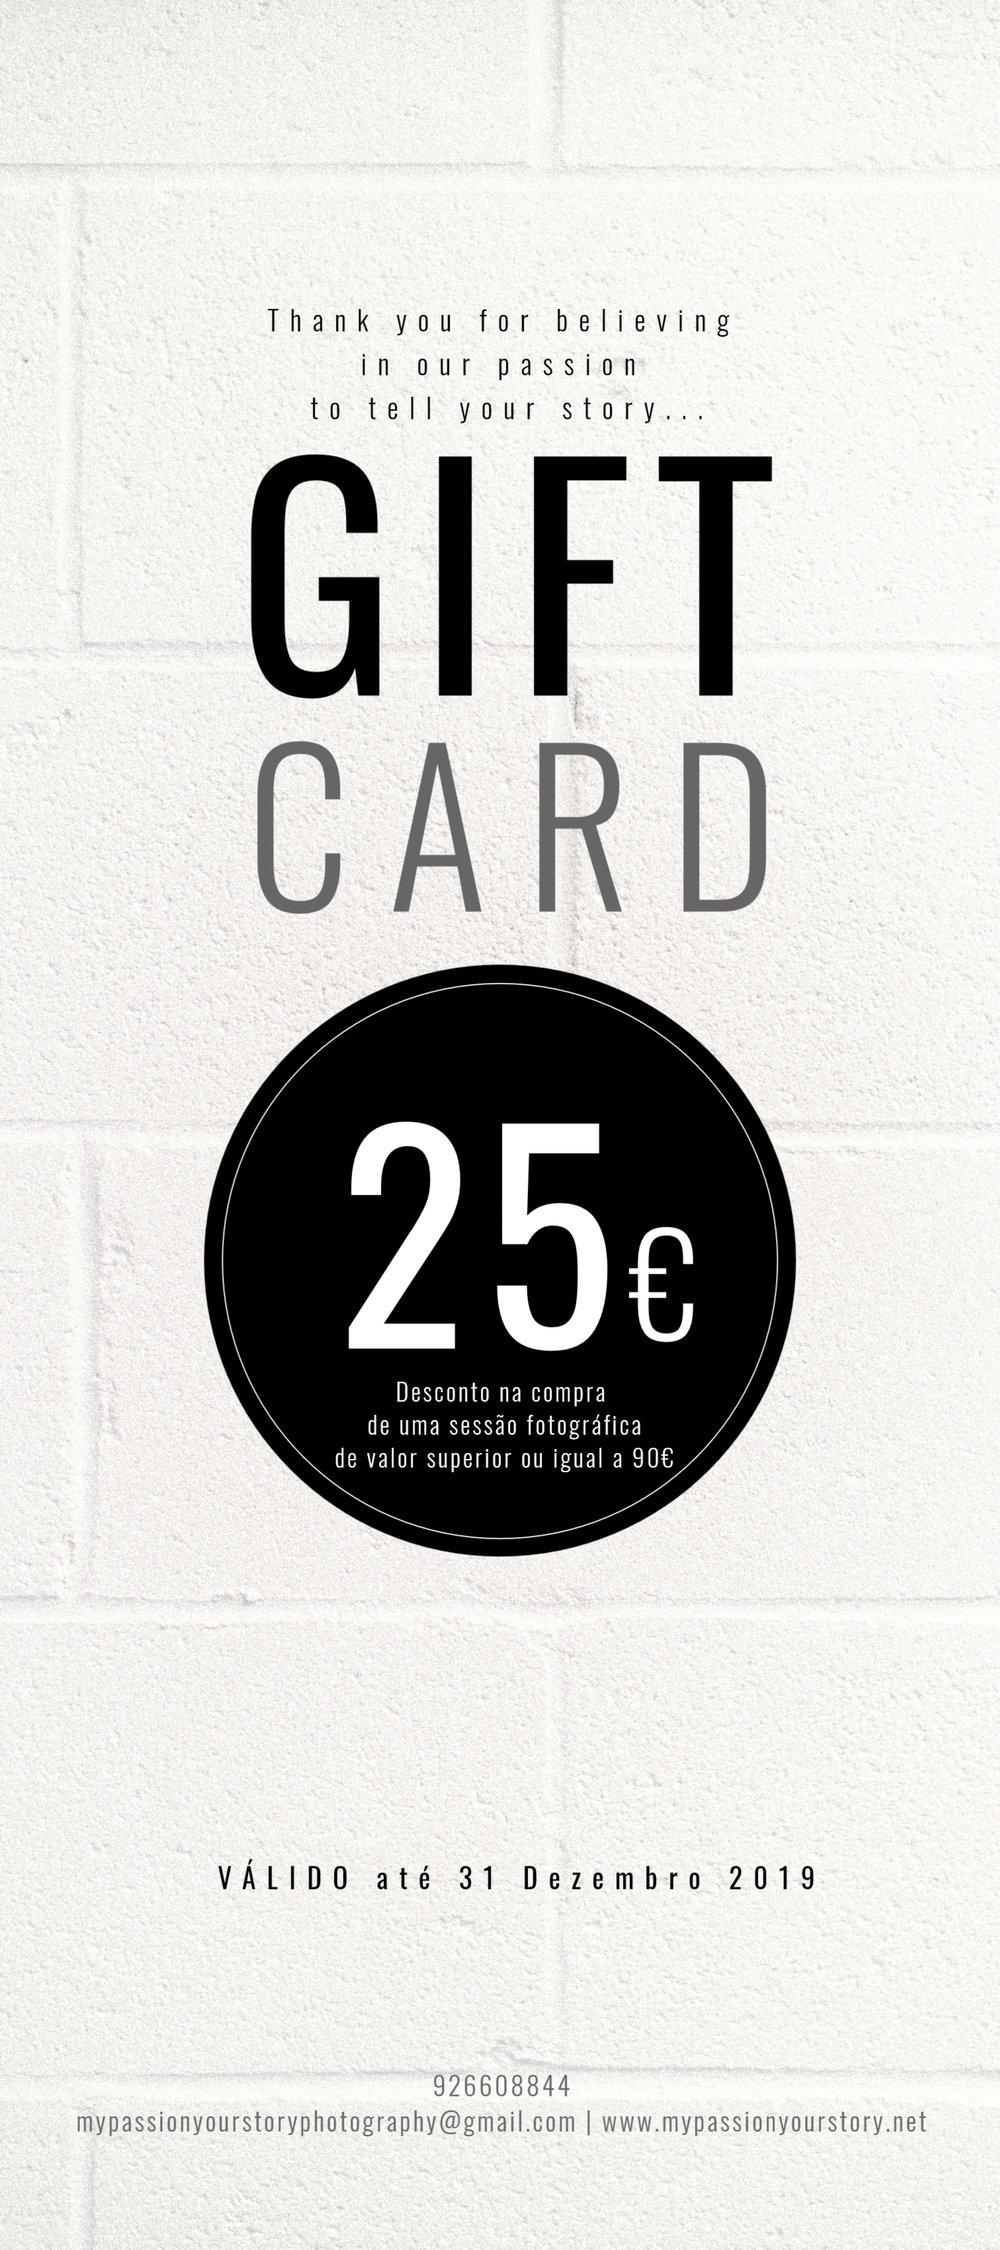 Gift Card 25€ - Se pretende oferecer um gift card para uma sessão fotográfica a um familiar ou amigo(a), pode adquiri-lo pela quantia de 25€.(Há um custo de deslocação associado ao cliente final, caso seja realizada fora dos limites dos concelhos de Alcobaça, Caldas da Rainha ou Leiria)